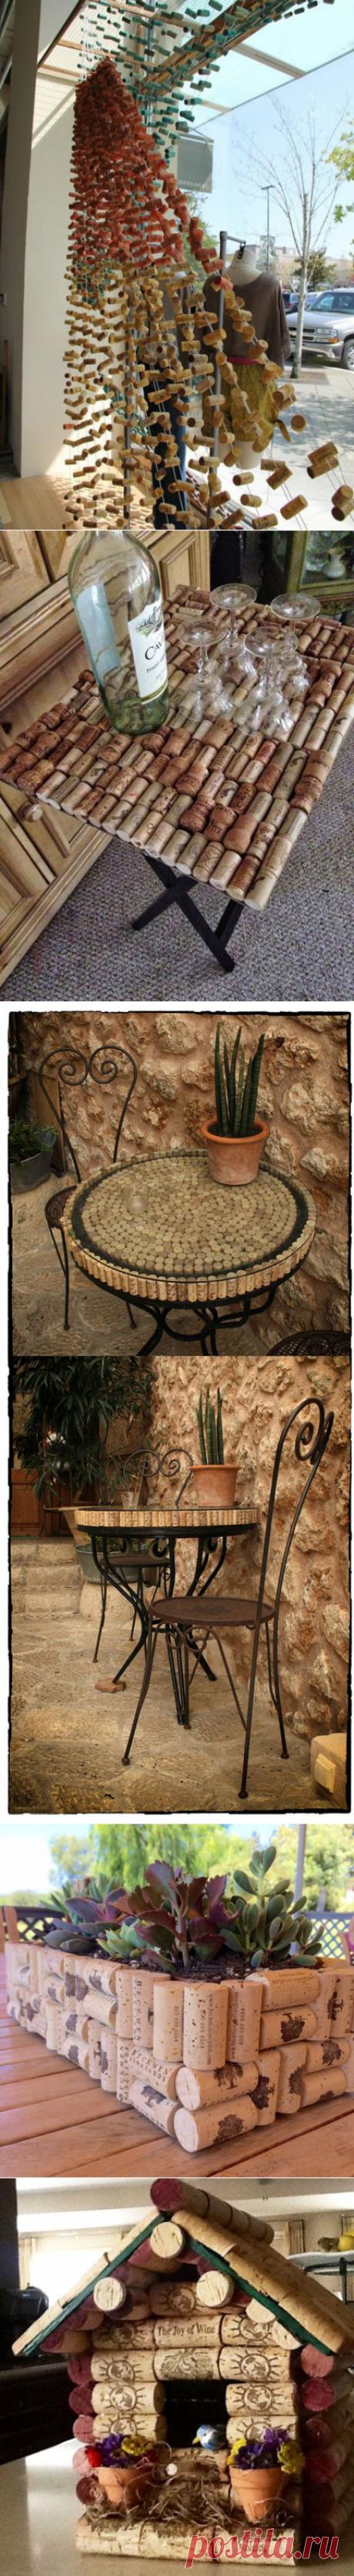 Необычный декор из винных пробок - Ярмарка Мастеров - ручная работа, handmade